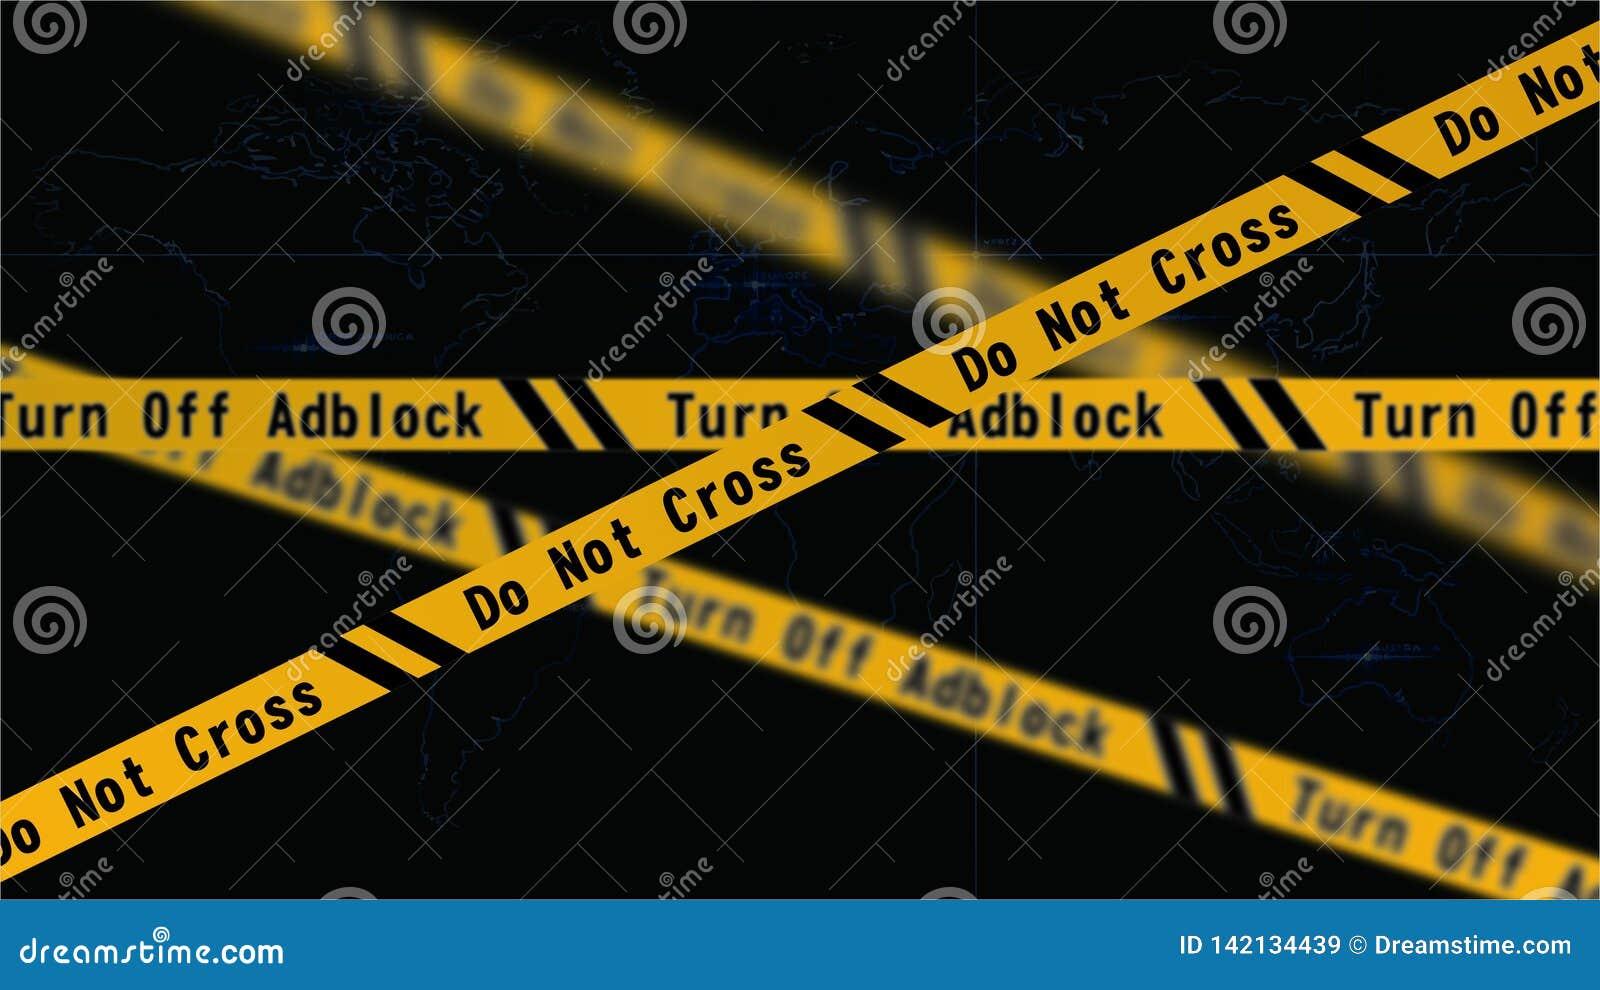 Adblockvoorzichtigheid | Kruis niet